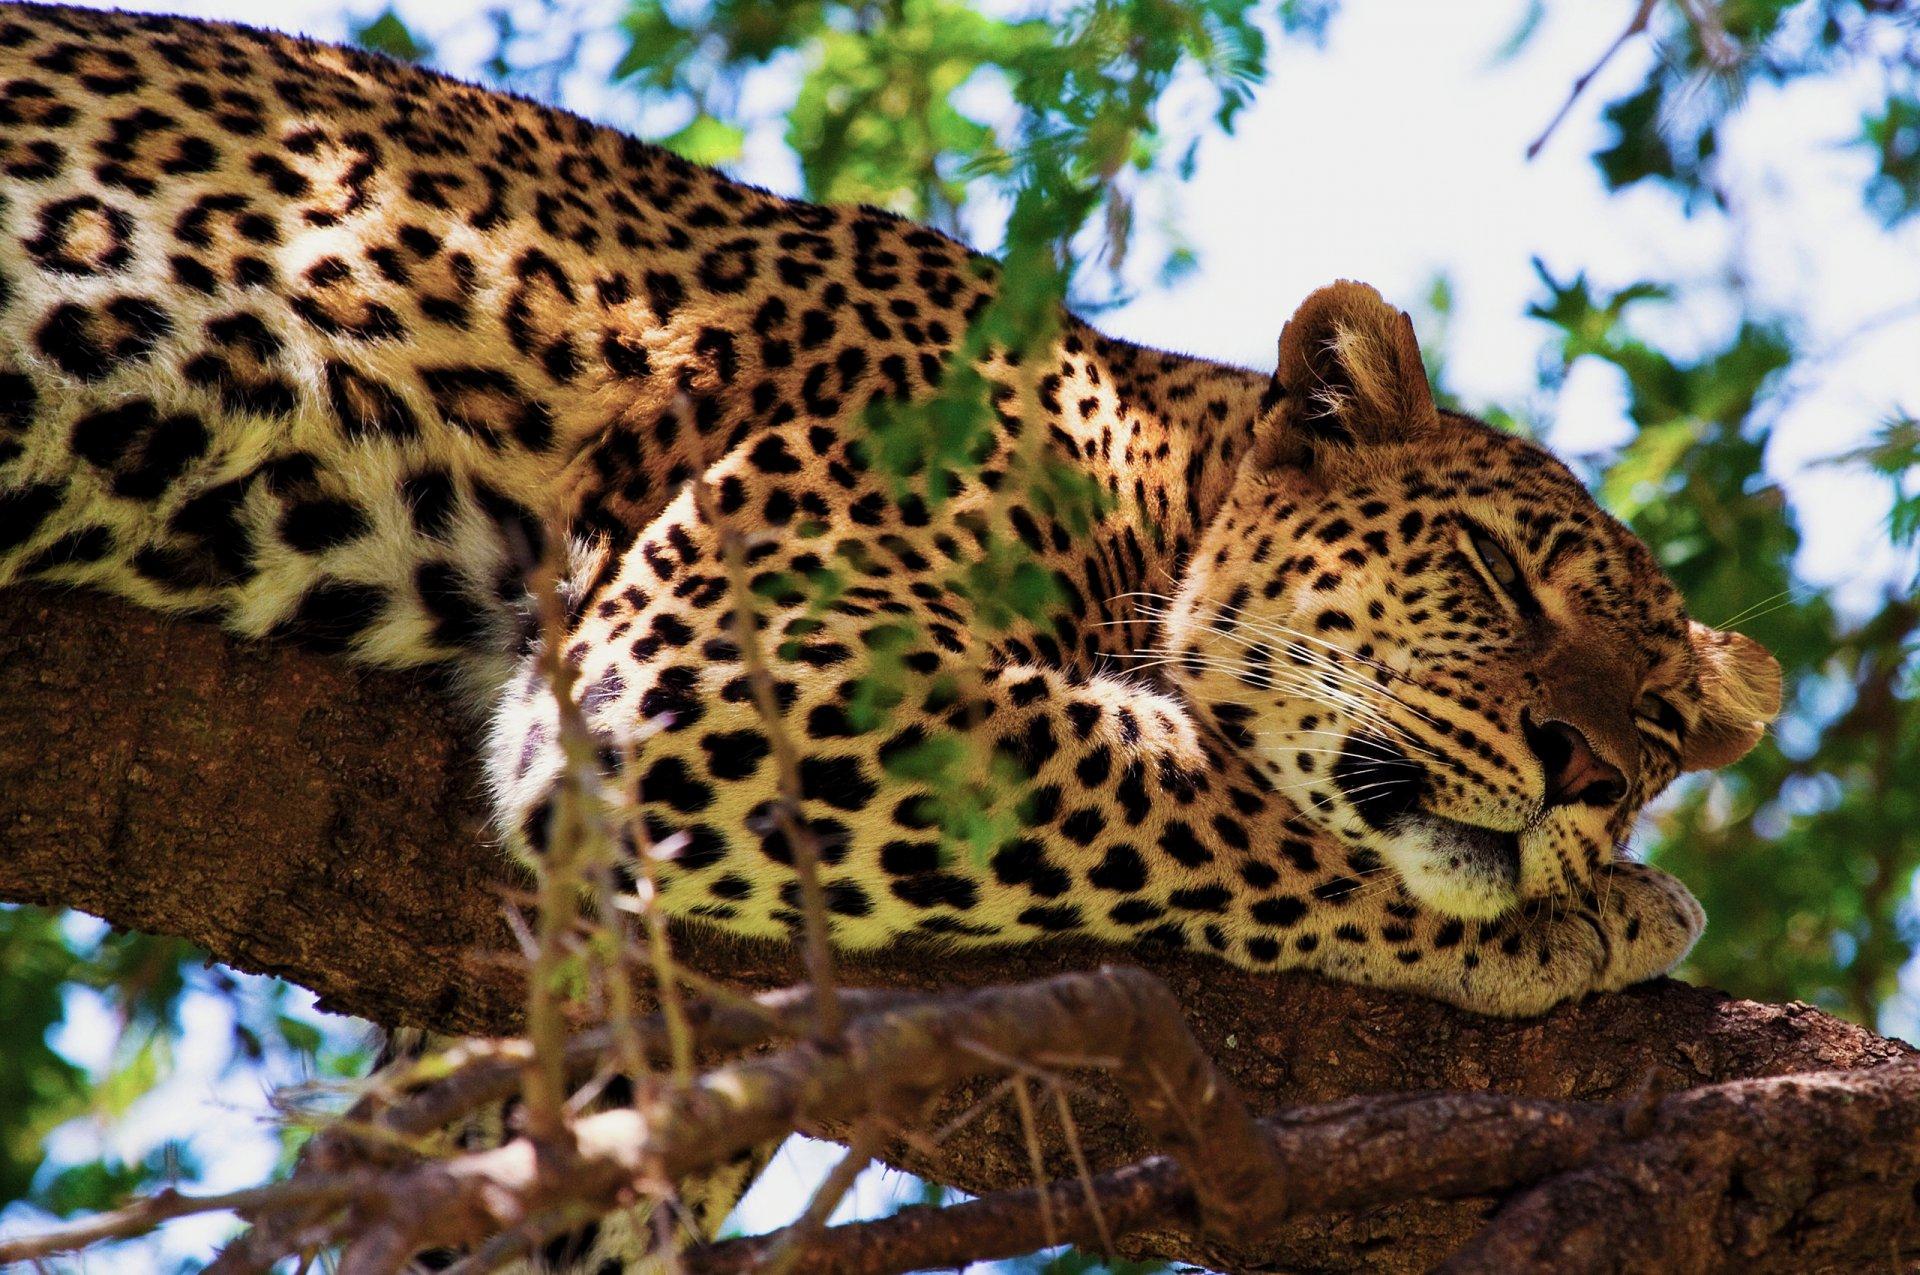 фото леопарда в природе что его